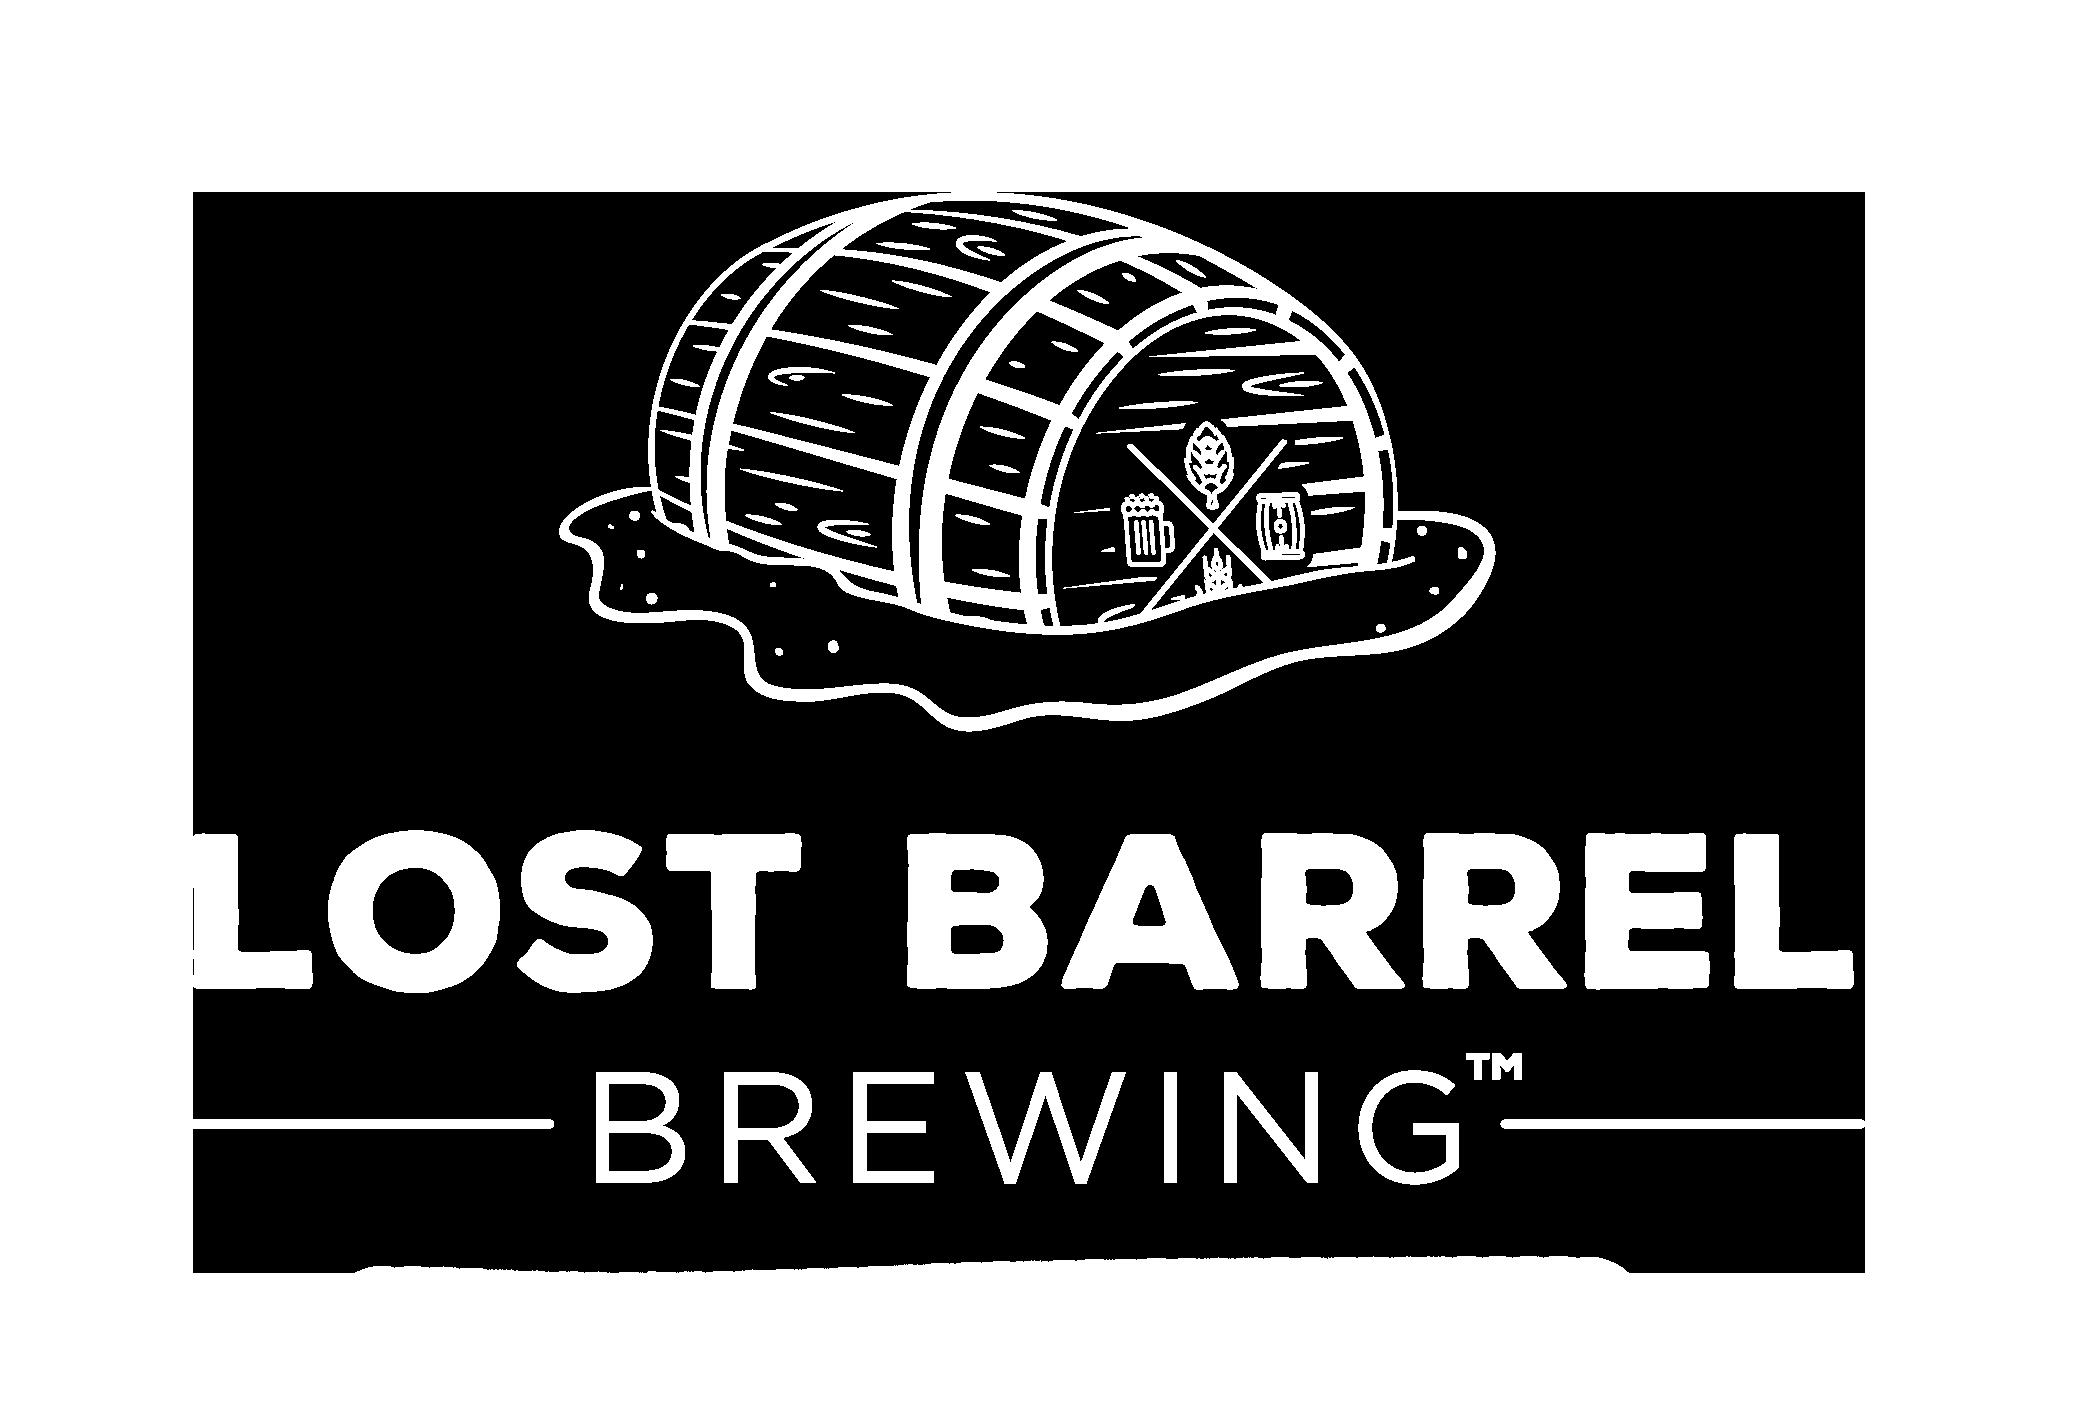 Lost Barrel Brewing